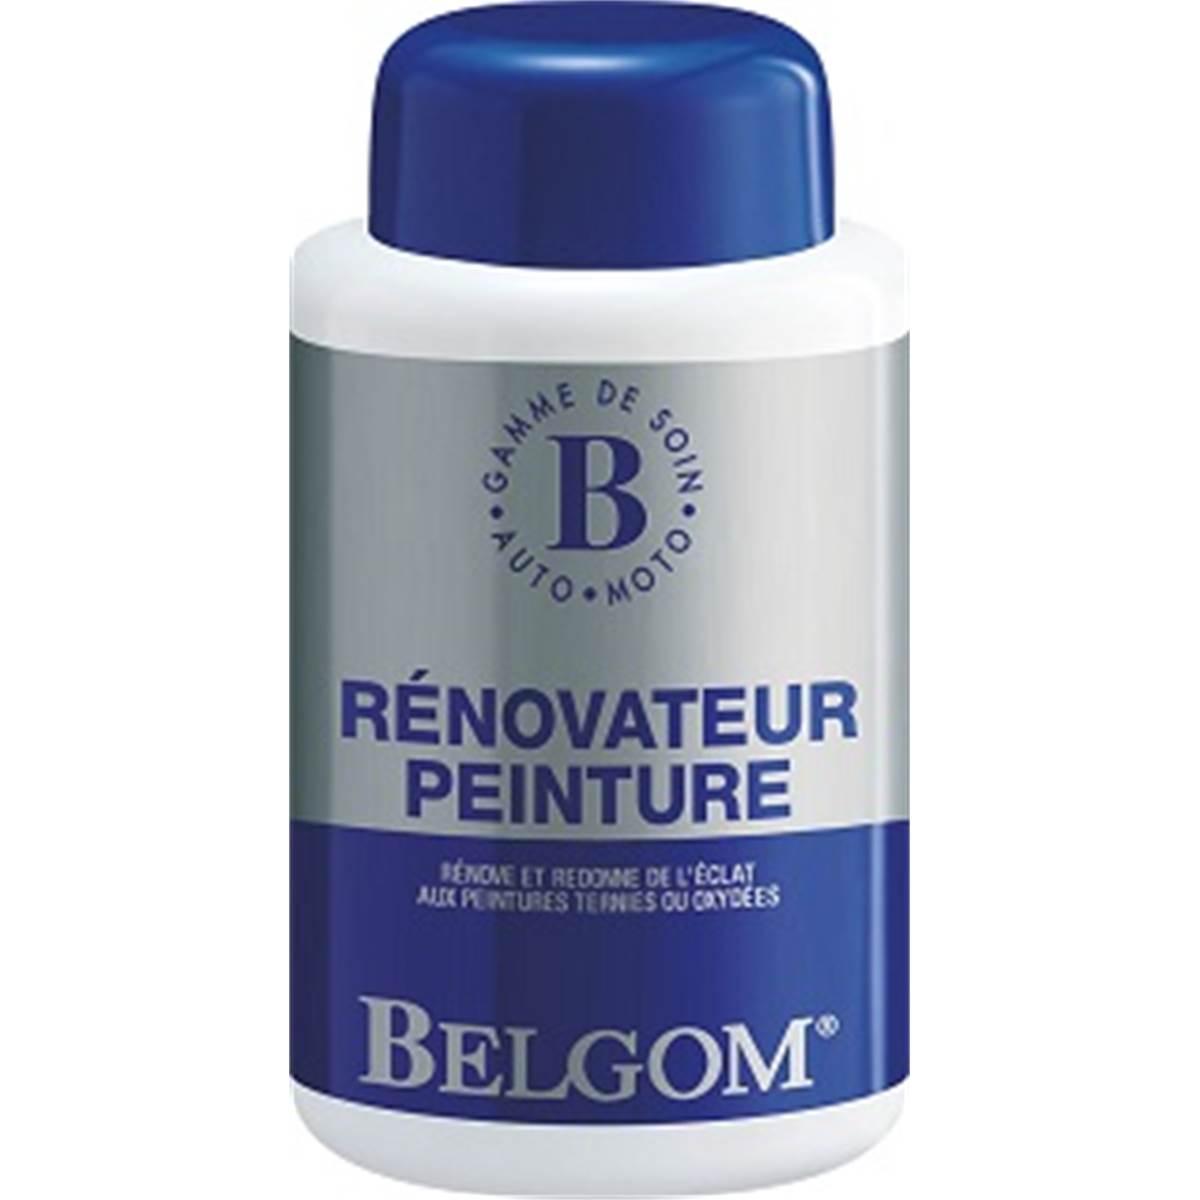 Rénovateur peinture 250 ml Belgom